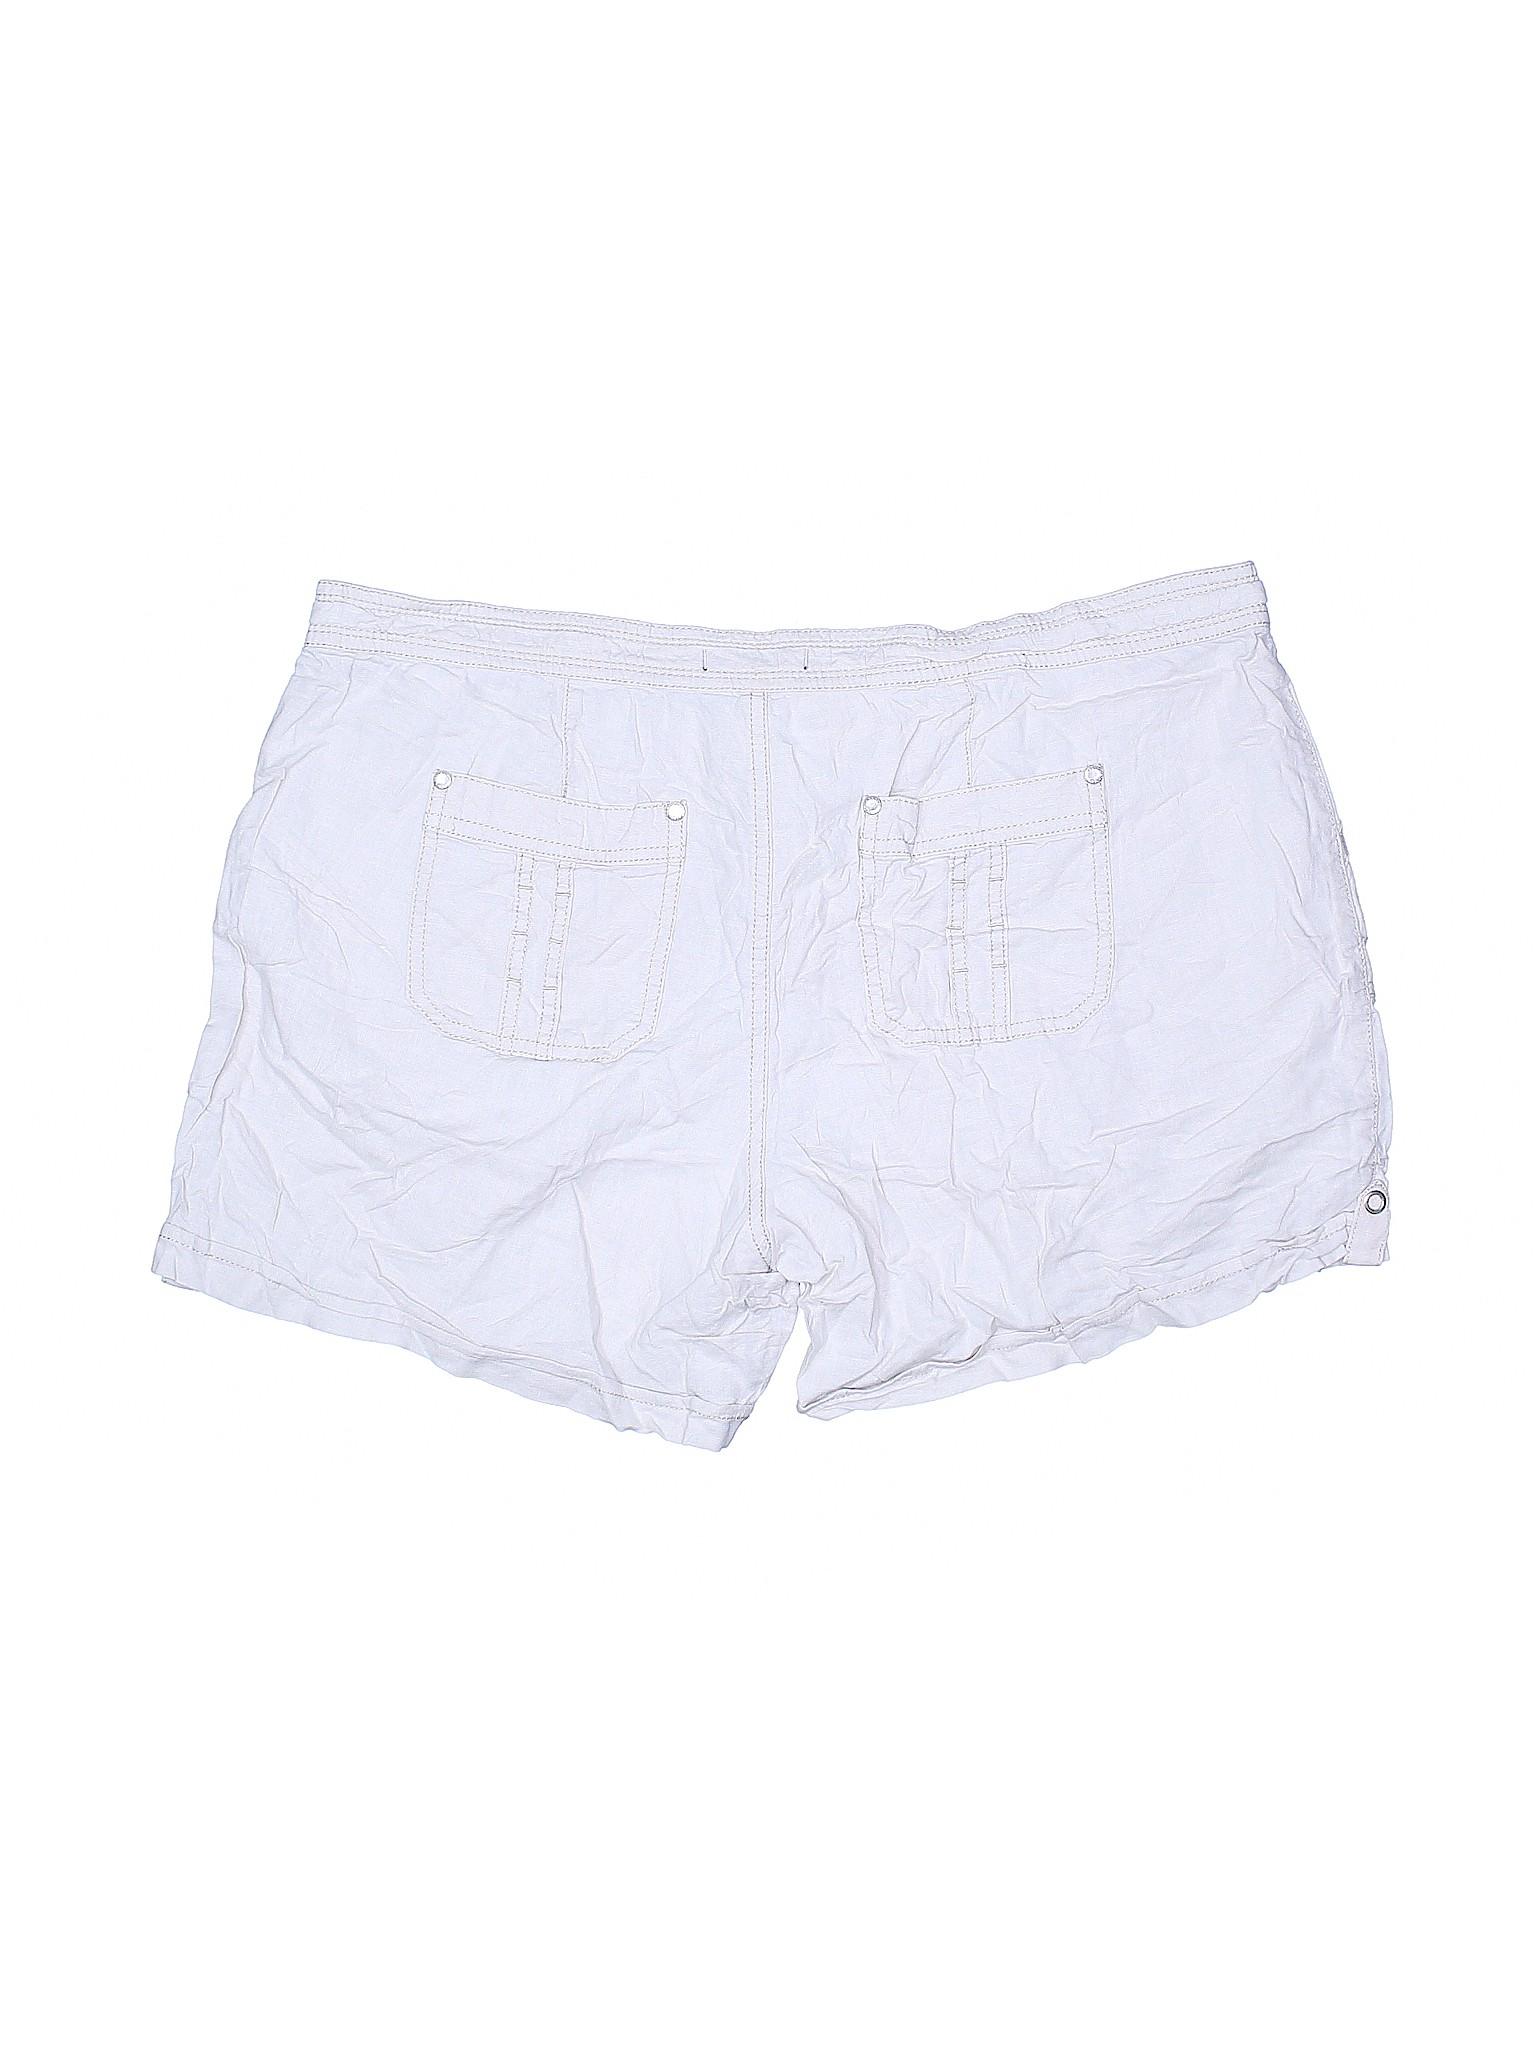 Boutique Khaki Bandolino Khaki Khaki Shorts Bandolino Boutique Boutique Shorts Shorts Khaki Boutique Bandolino Shorts Bandolino Boutique Bandolino v6ZPPA